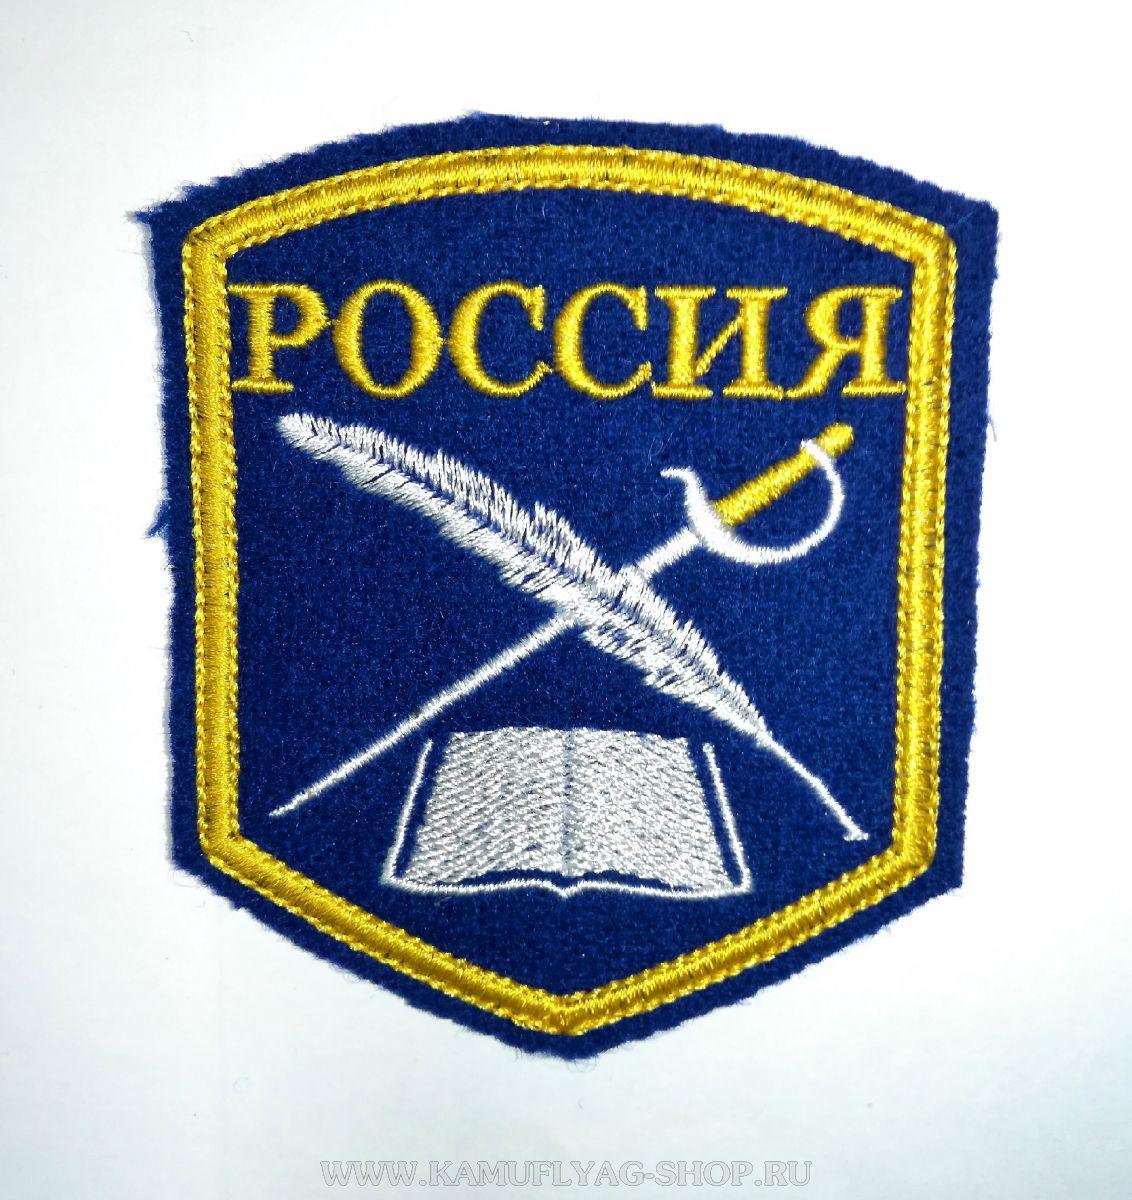 Шеврон Россия, вышивка, синий